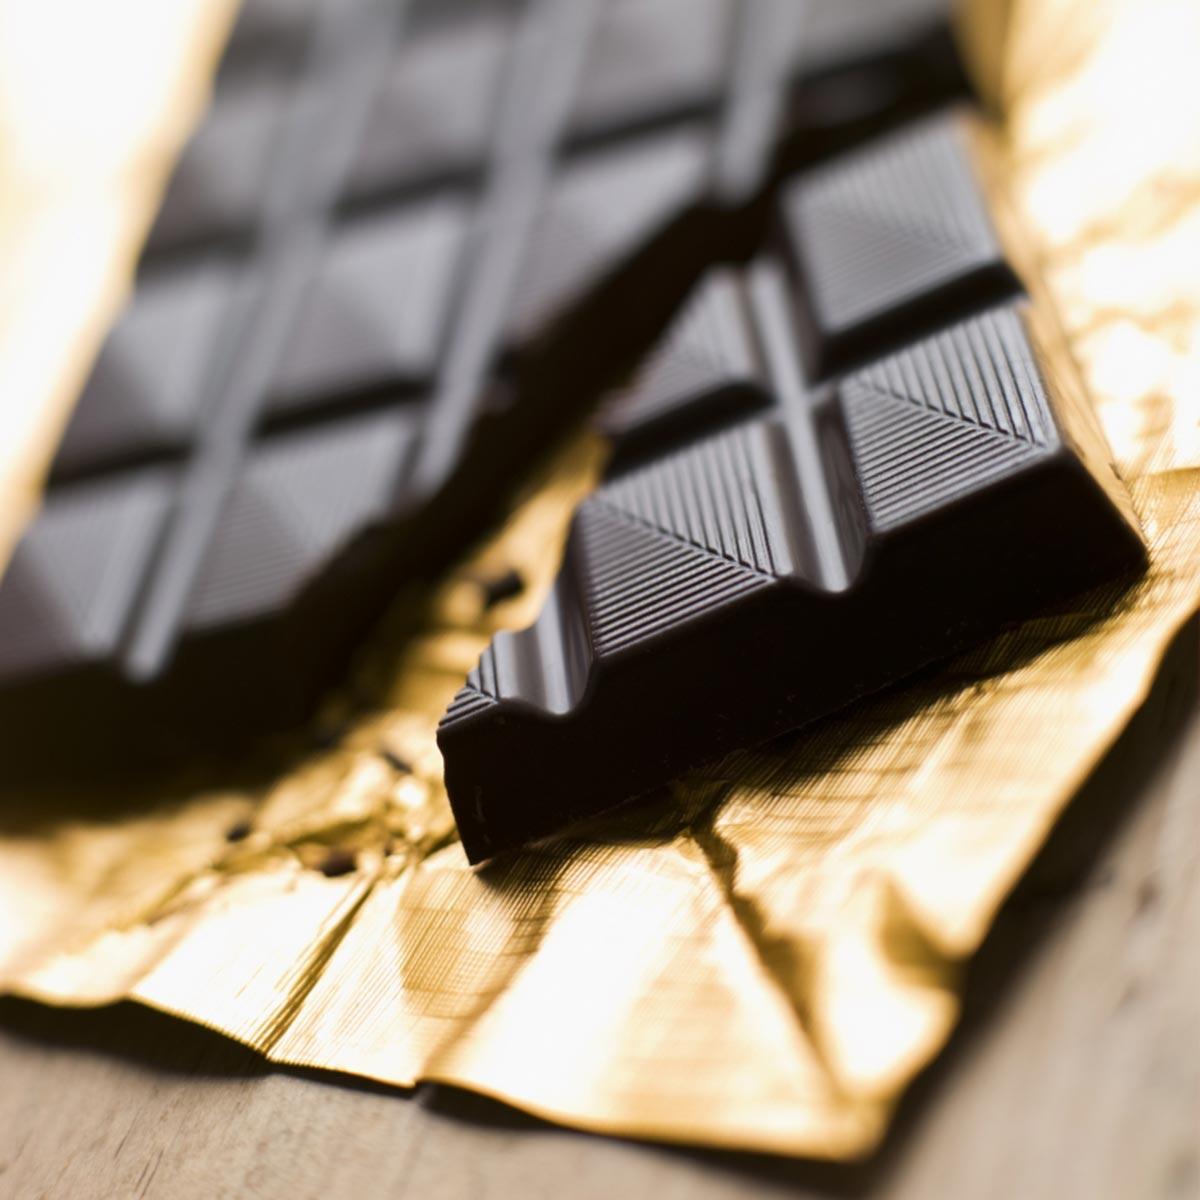 pure chocolade goed voor huid